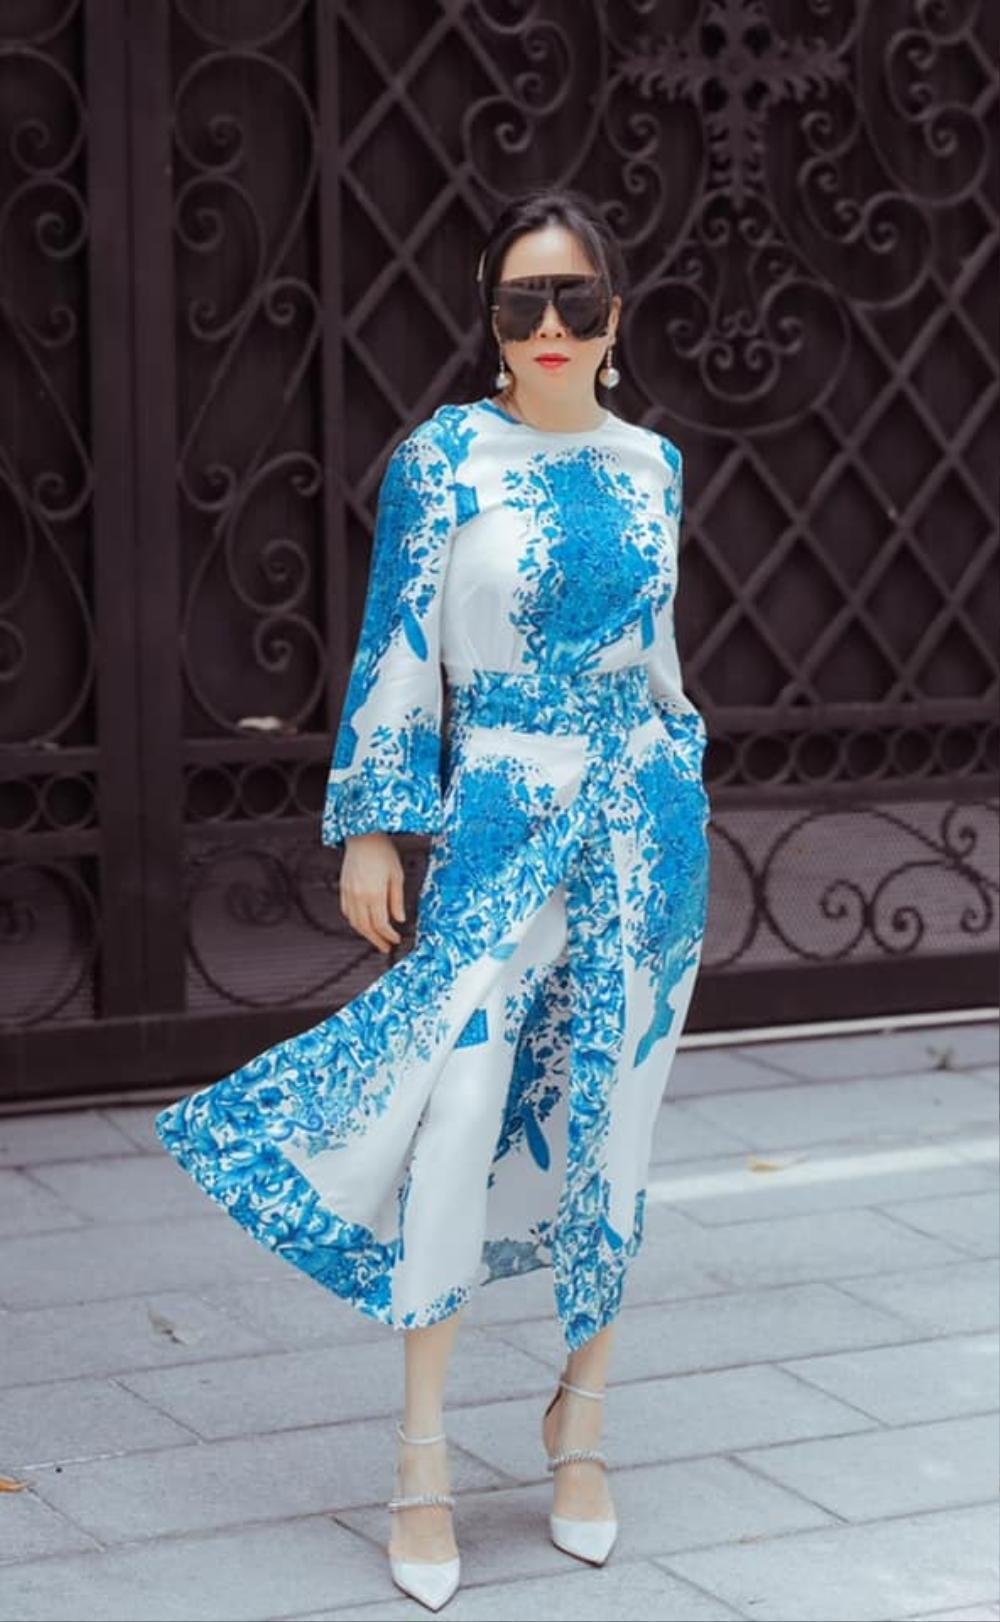 Phượng Chanel diện set đồ chói mắt cùng chiếc kính mát 'khổng lồ' đi dạo phố Ảnh 6